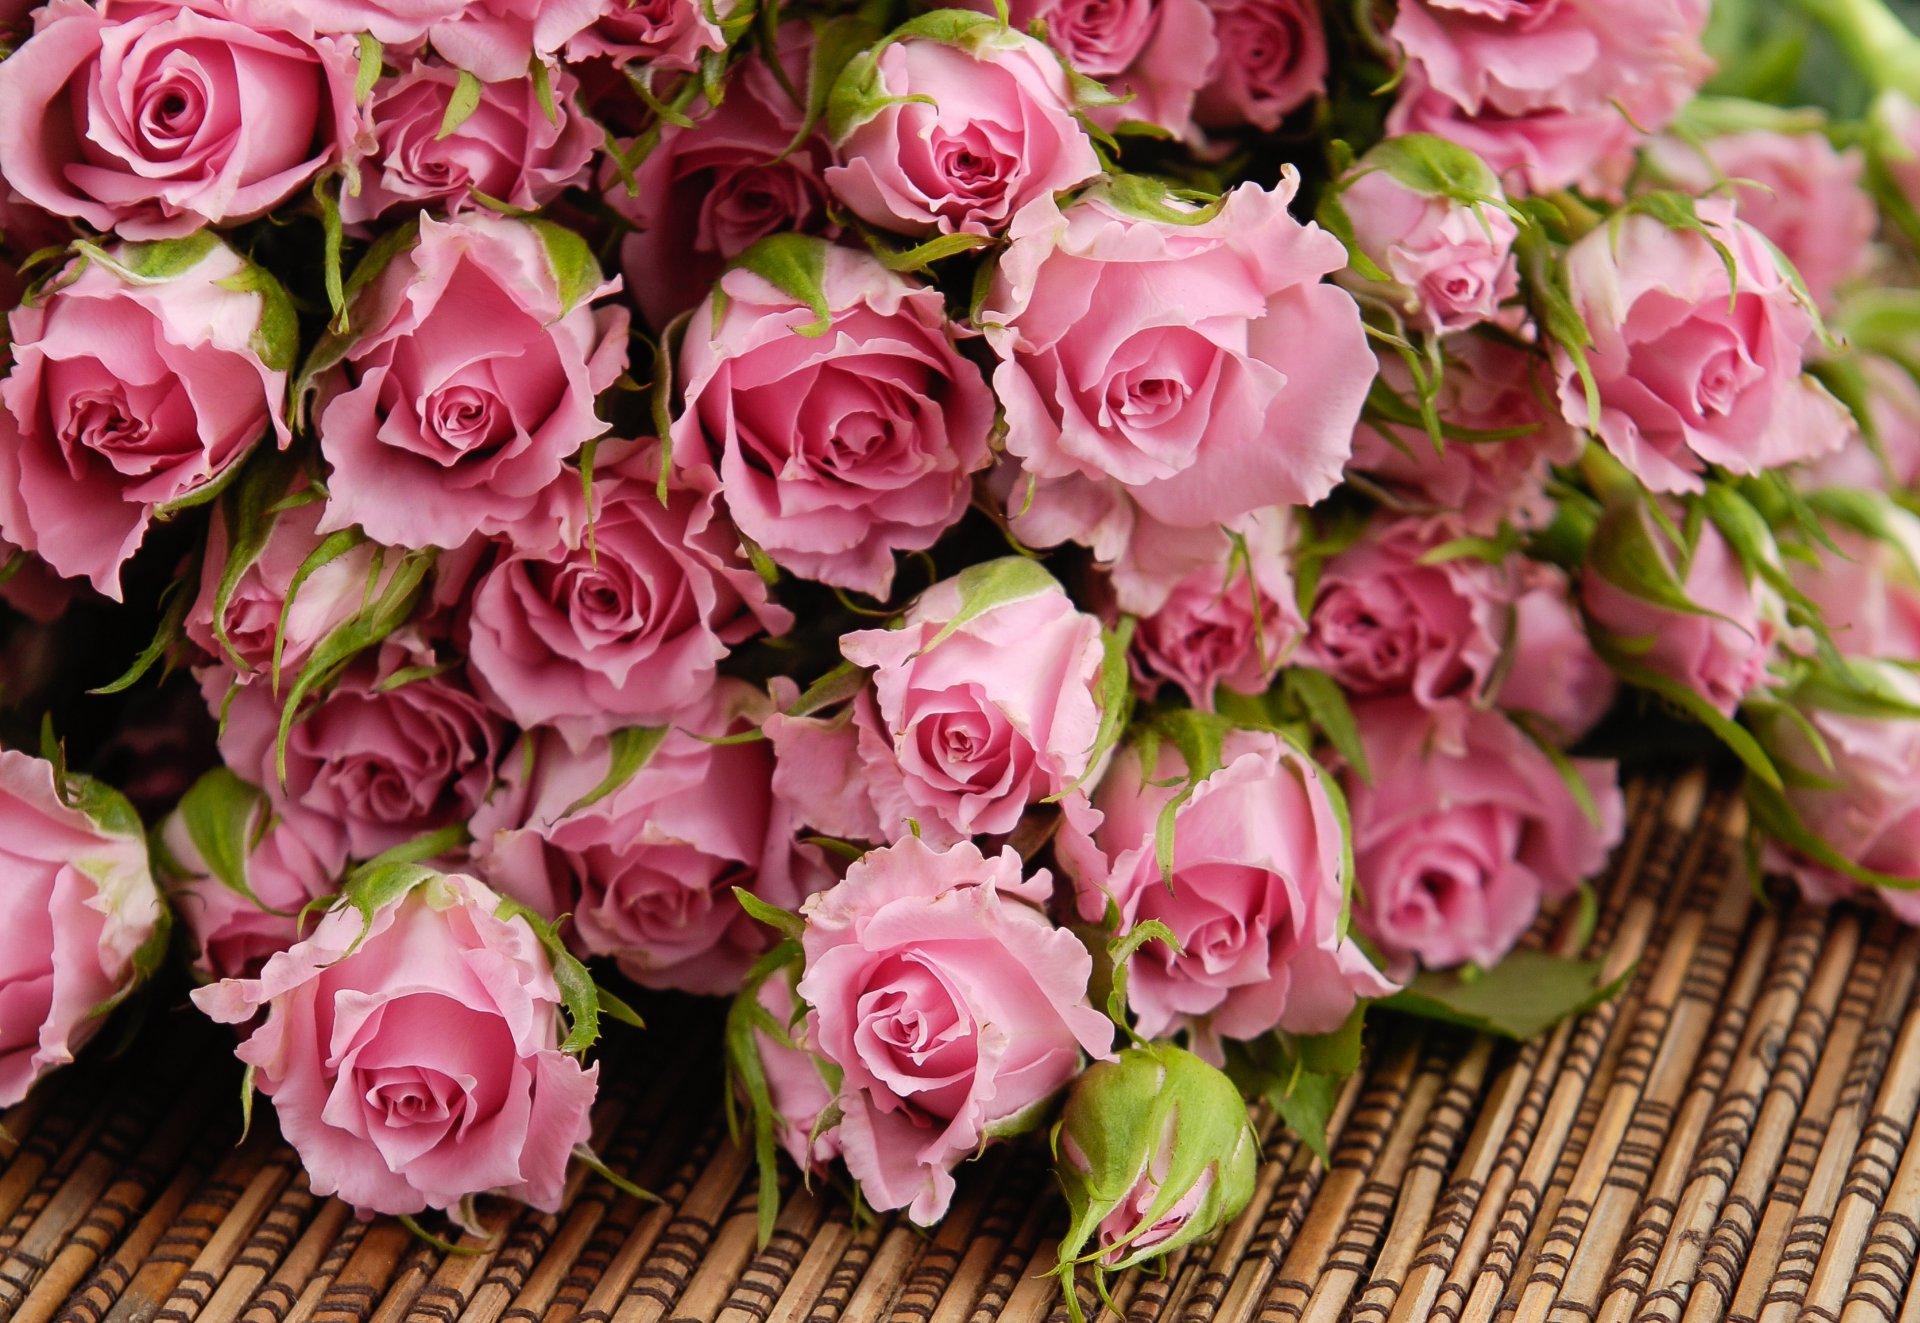 Открытка с днем рождения девушке розы розовые яркие, картинках днем